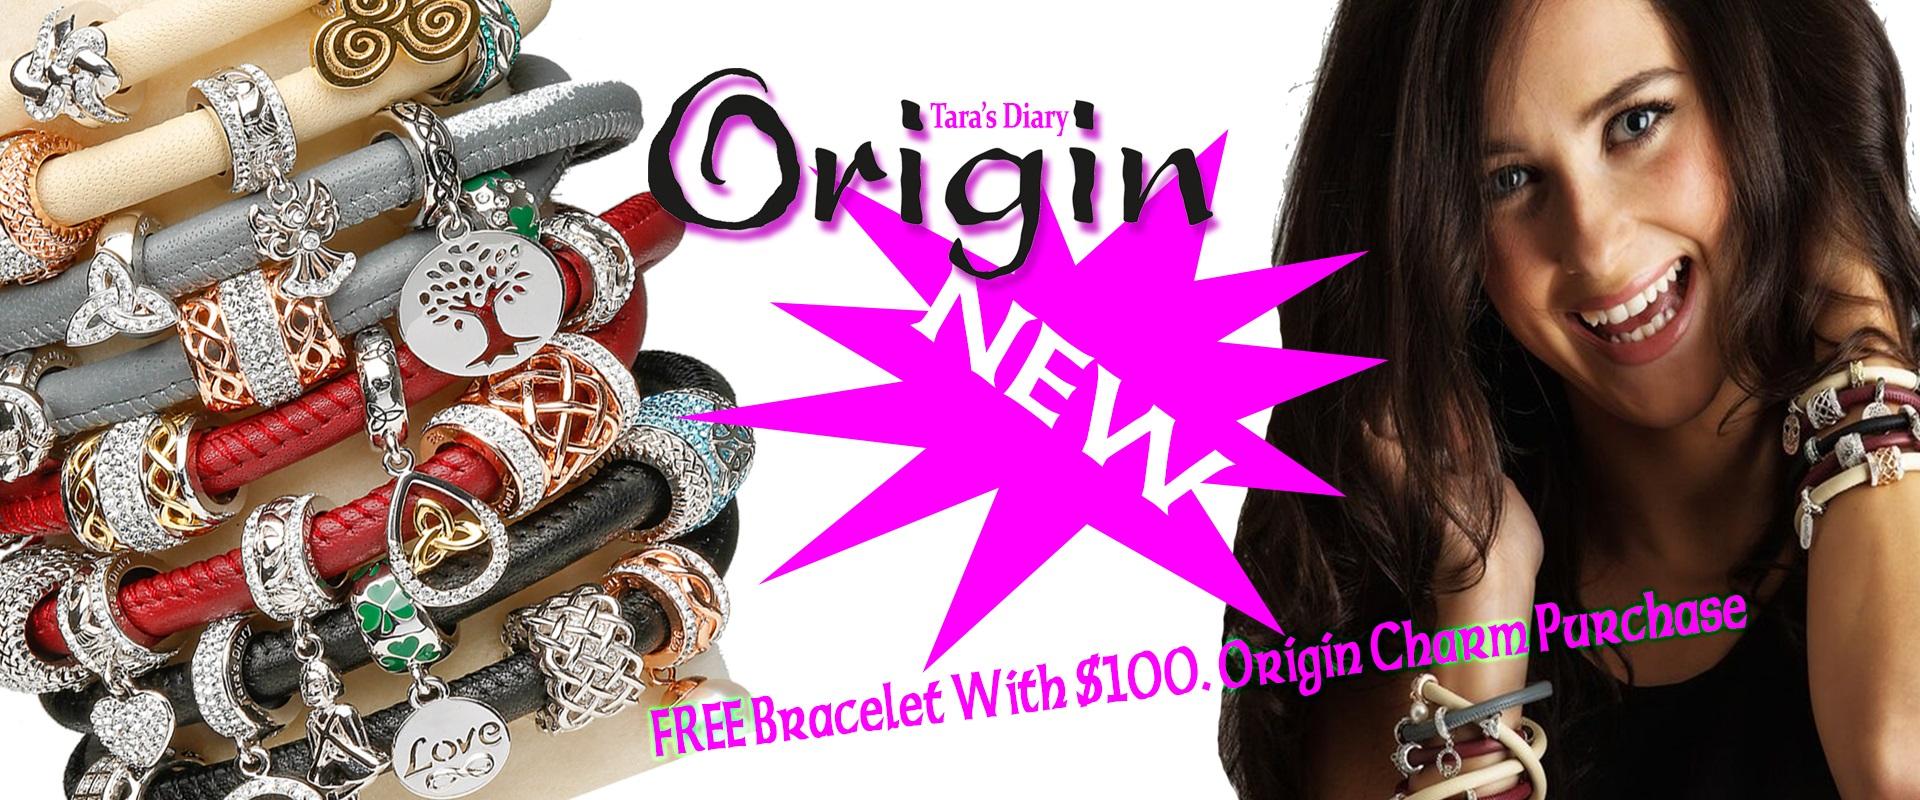 Origin by Tara